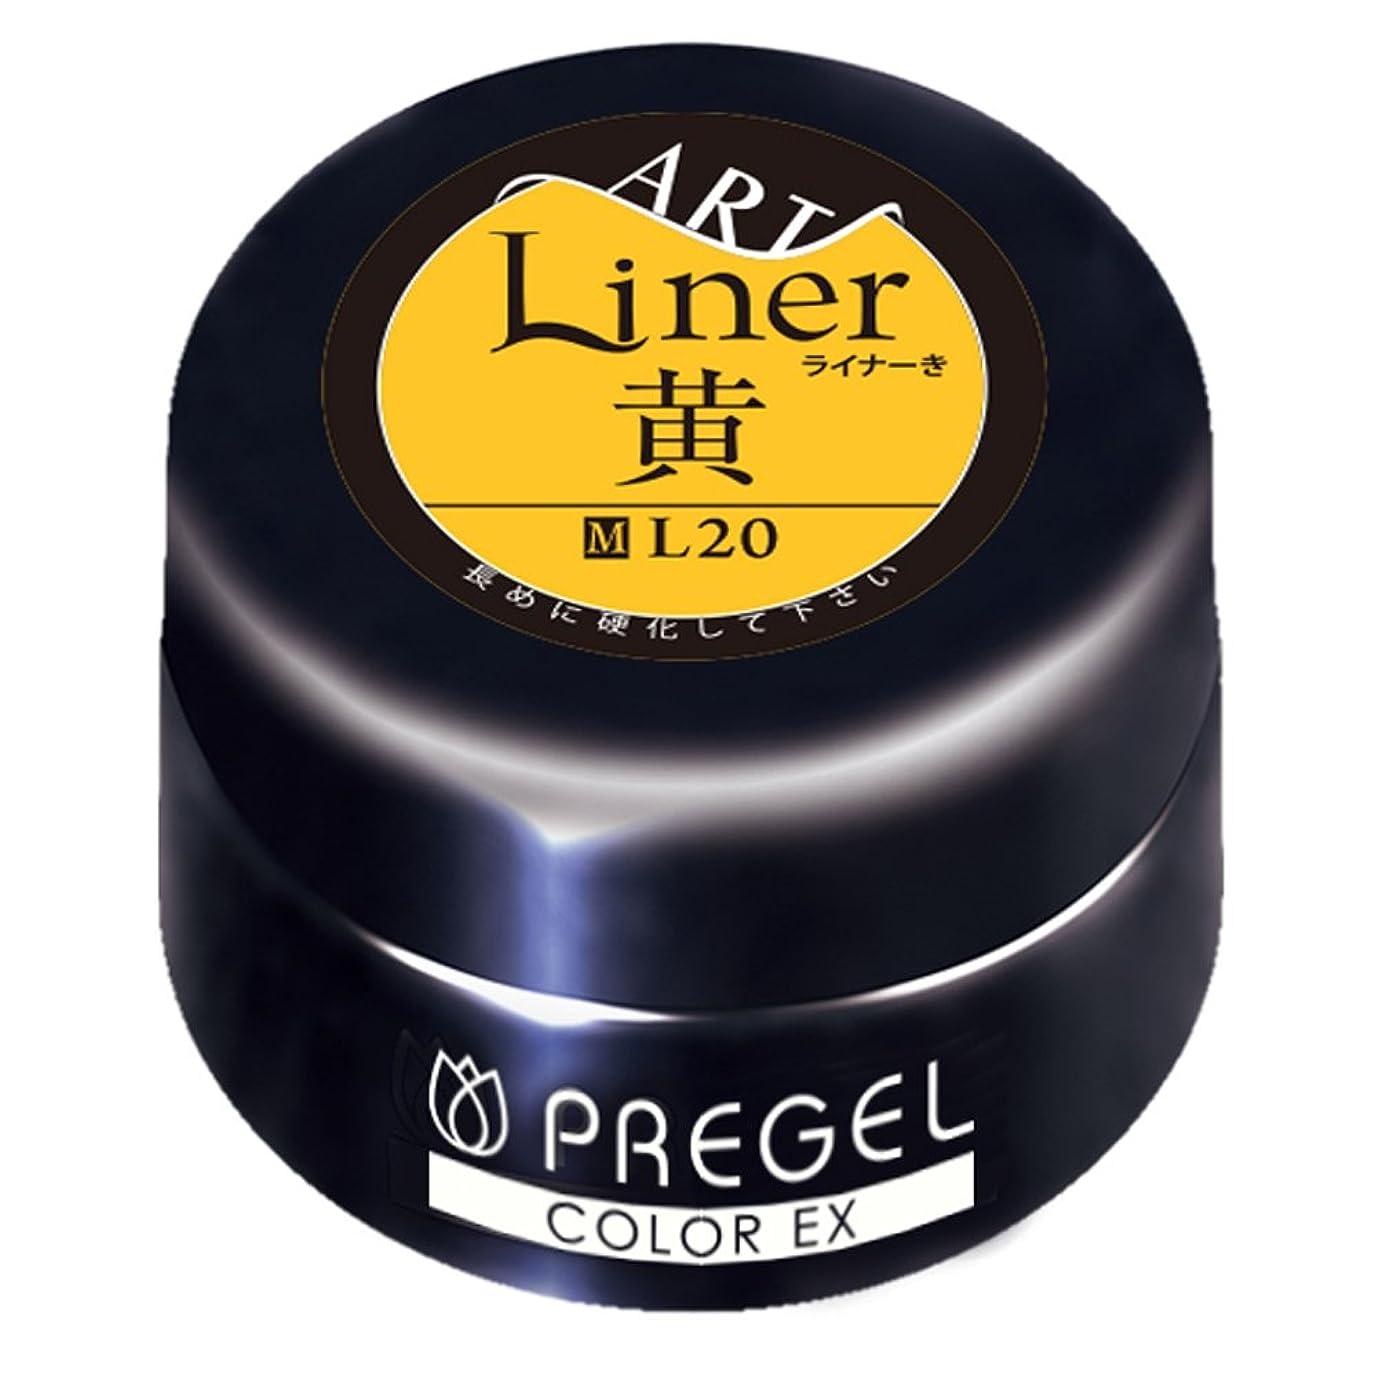 楽な生産性繰り返しPRE GEL カラーEX ライナー黄 3g PG-CEL20 UV/LED対応